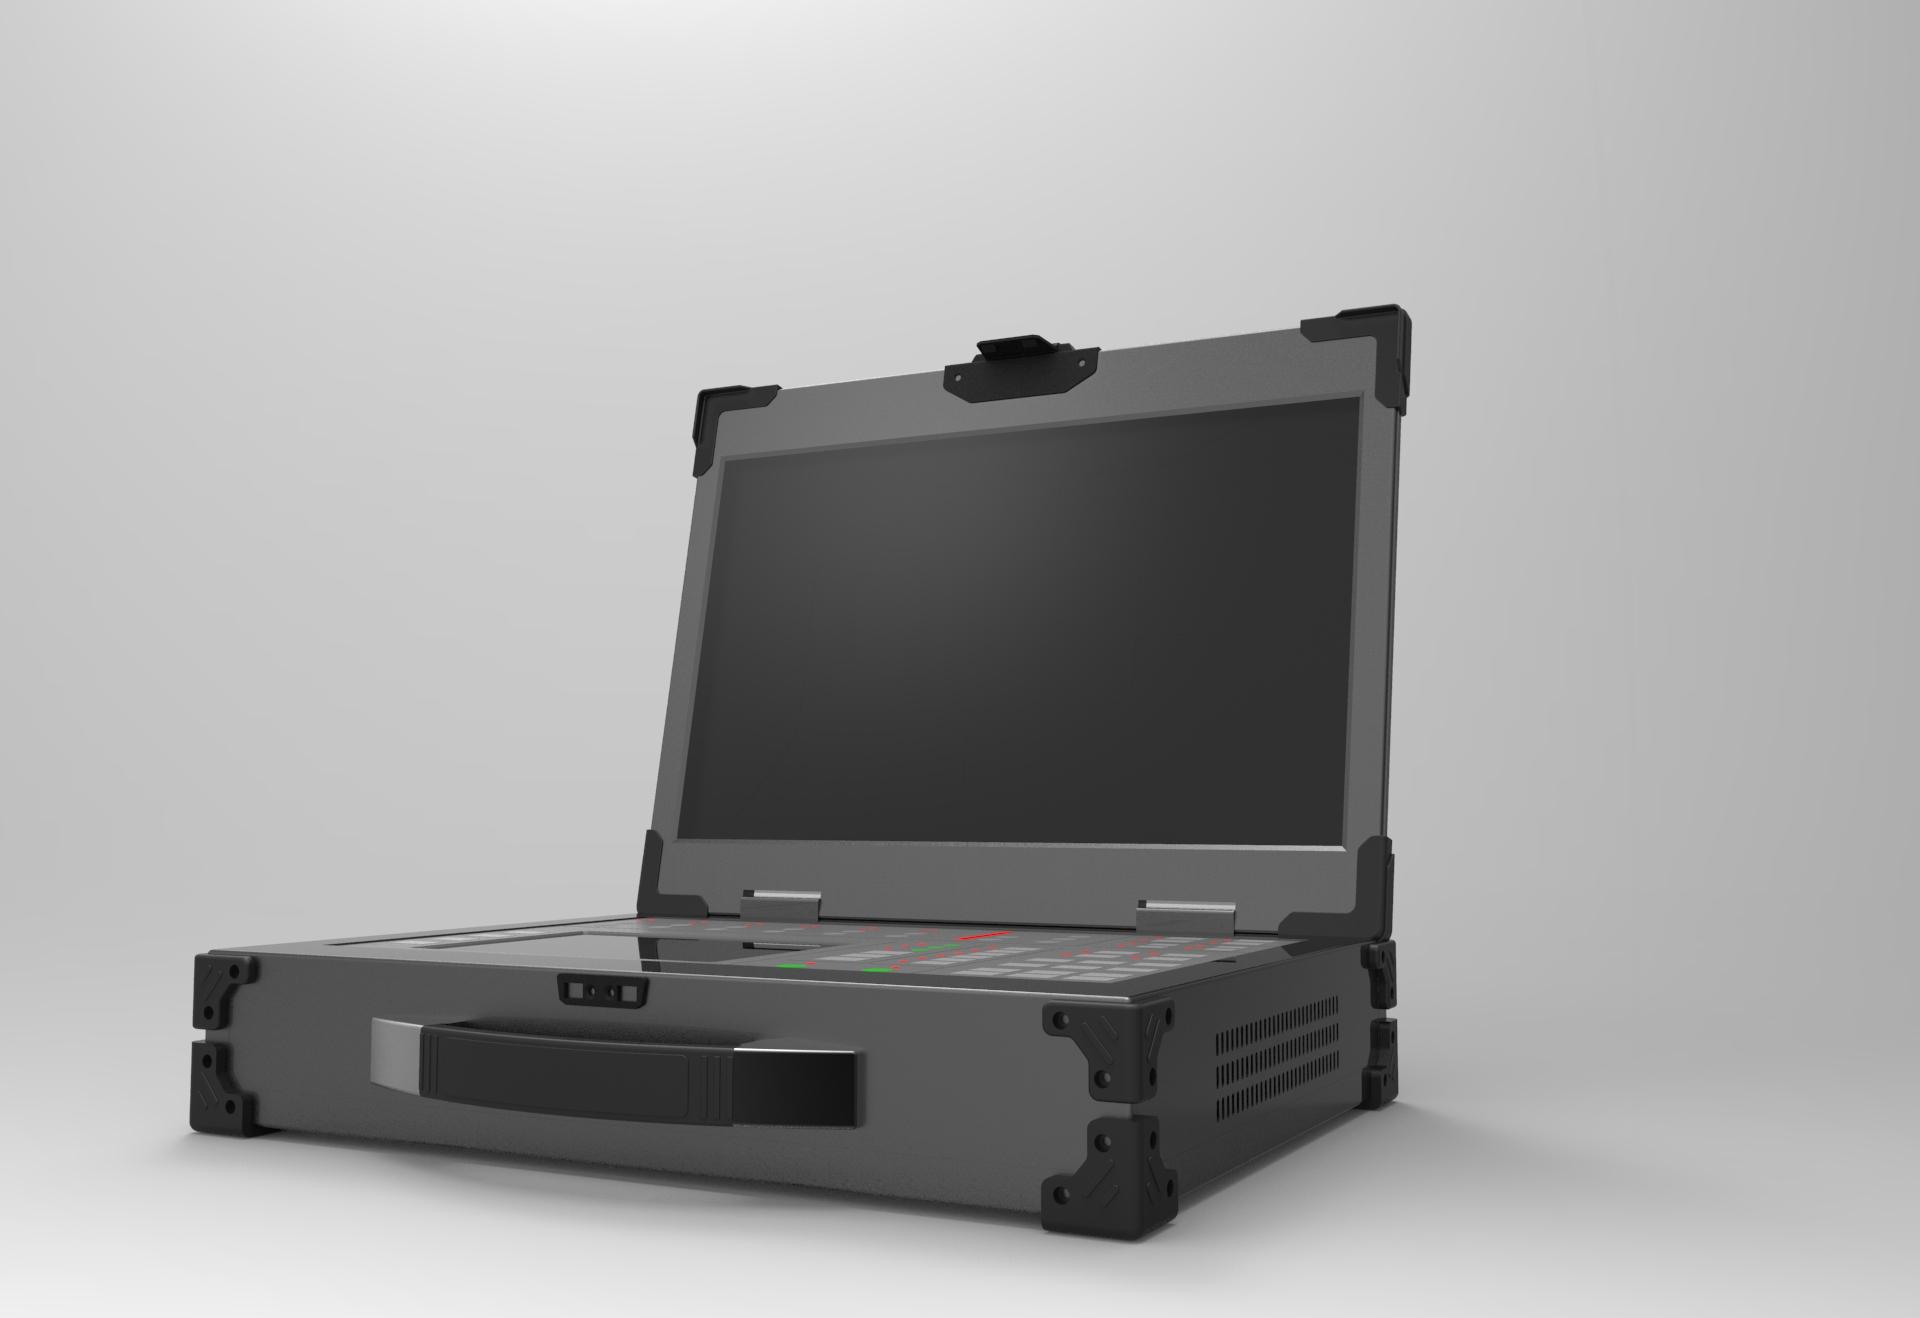 天拓BXJ-2516      2.5U高度便携式一体化结构,加强铝材机身